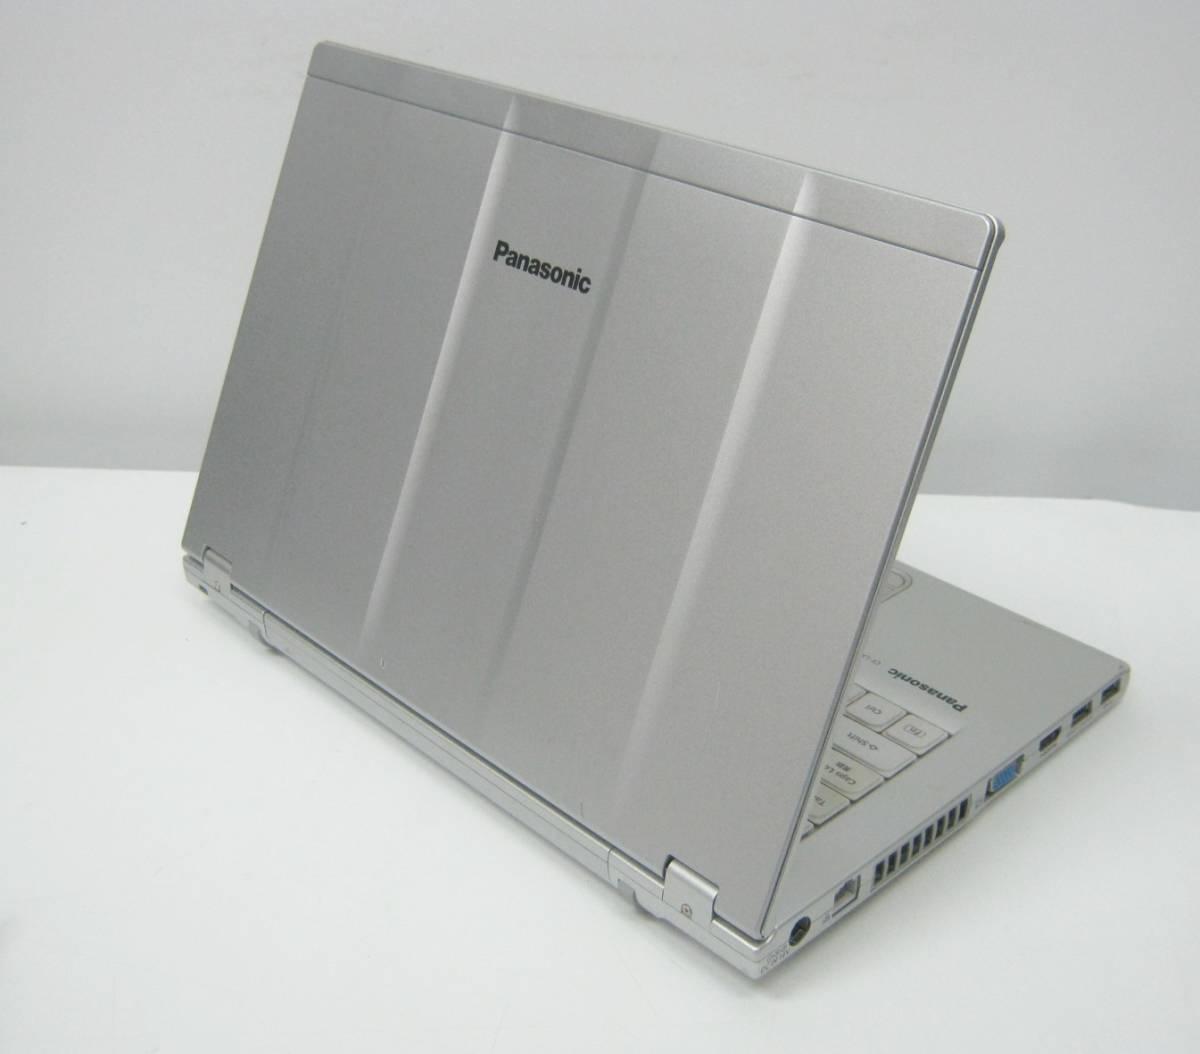 994 ストレージ欠品等ジャンク CF-LX3ED8CS i5-4300U 1.9GHz 4GB 簡易確認 部品取りにも_画像2